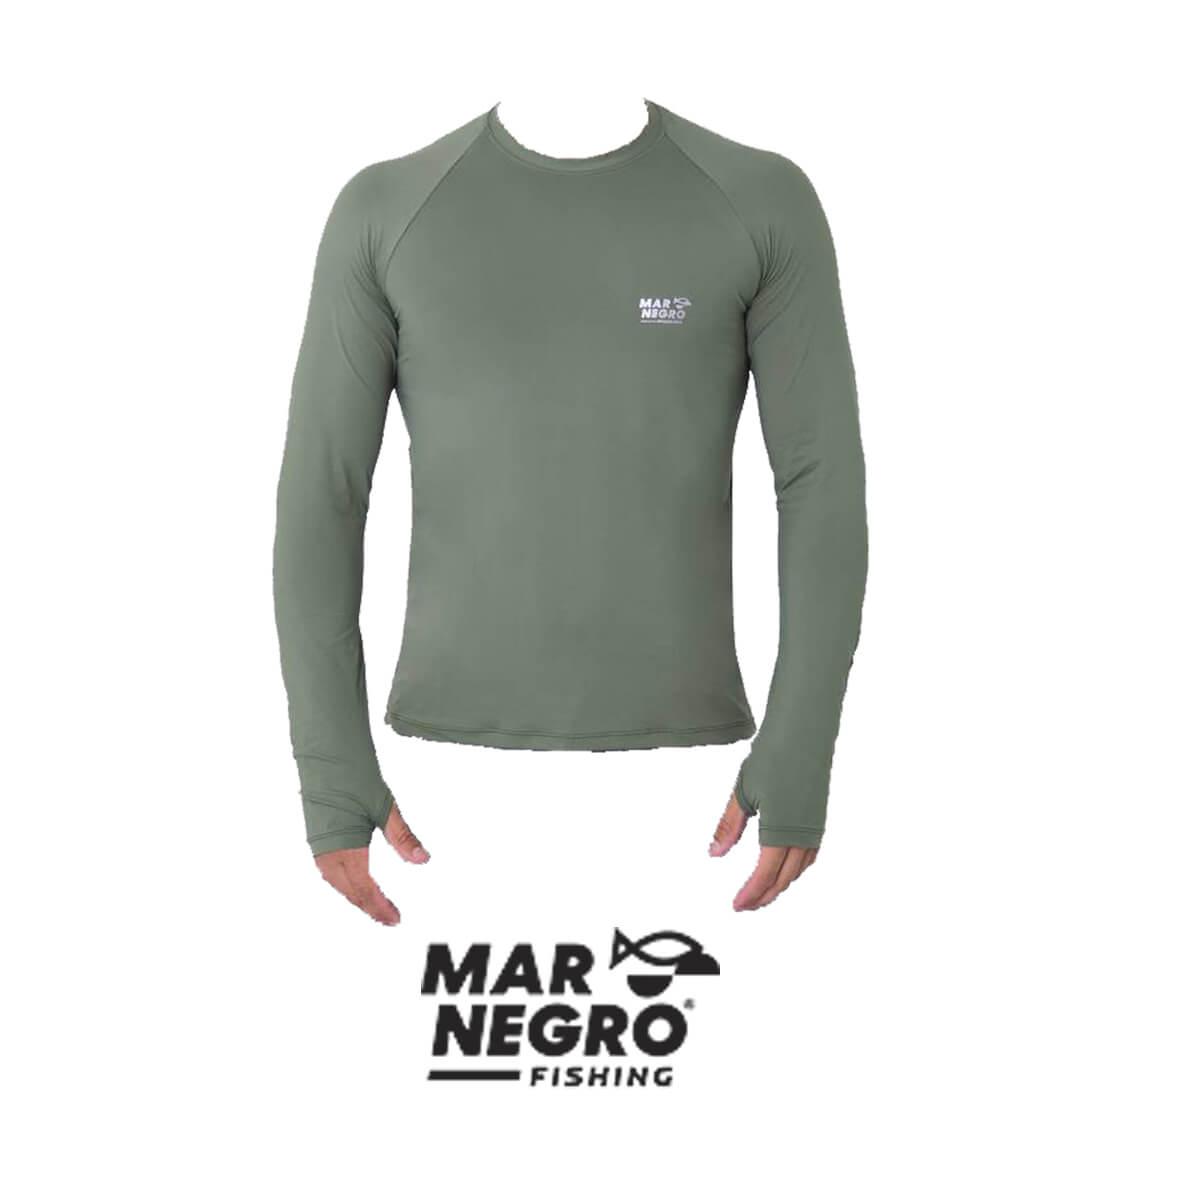 Camiseta Mar Negro 2020 Gola Careca c/ Luva Verde Musgo  - Pró Pesca Shop